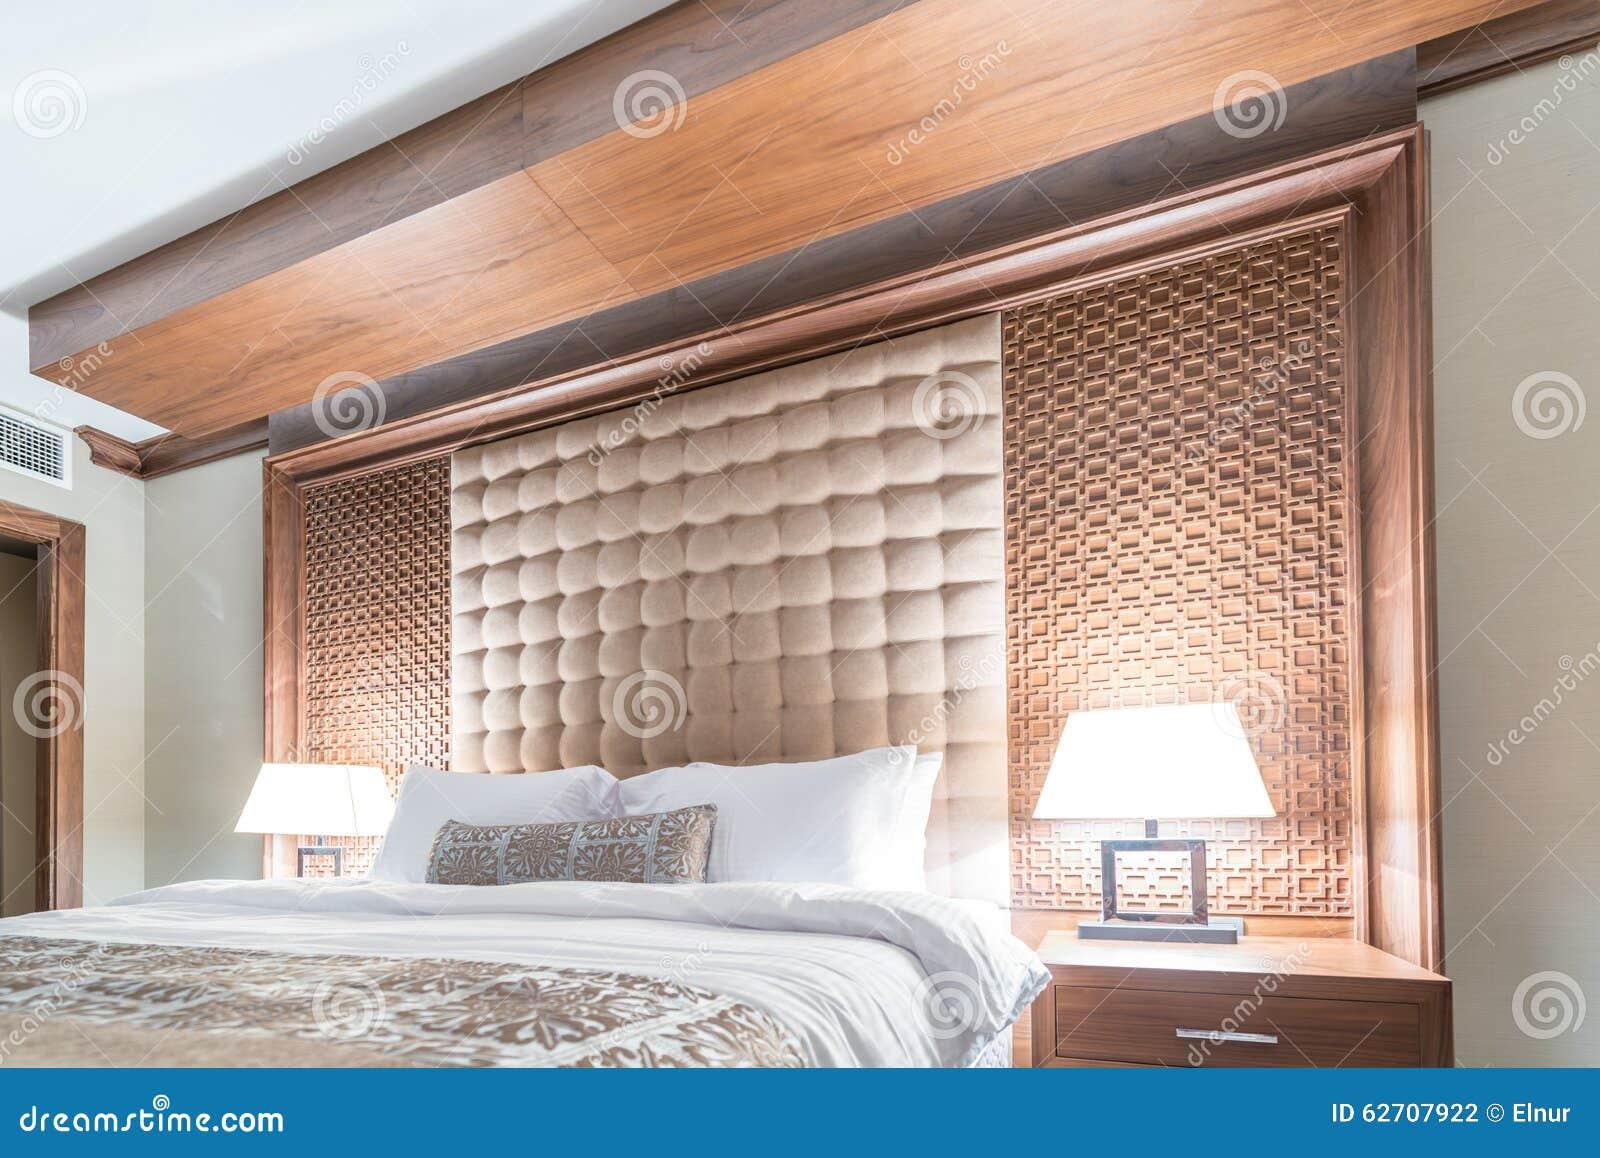 Δωμάτιο ξενοδοχείου με το σύγχρονο εσωτερικό